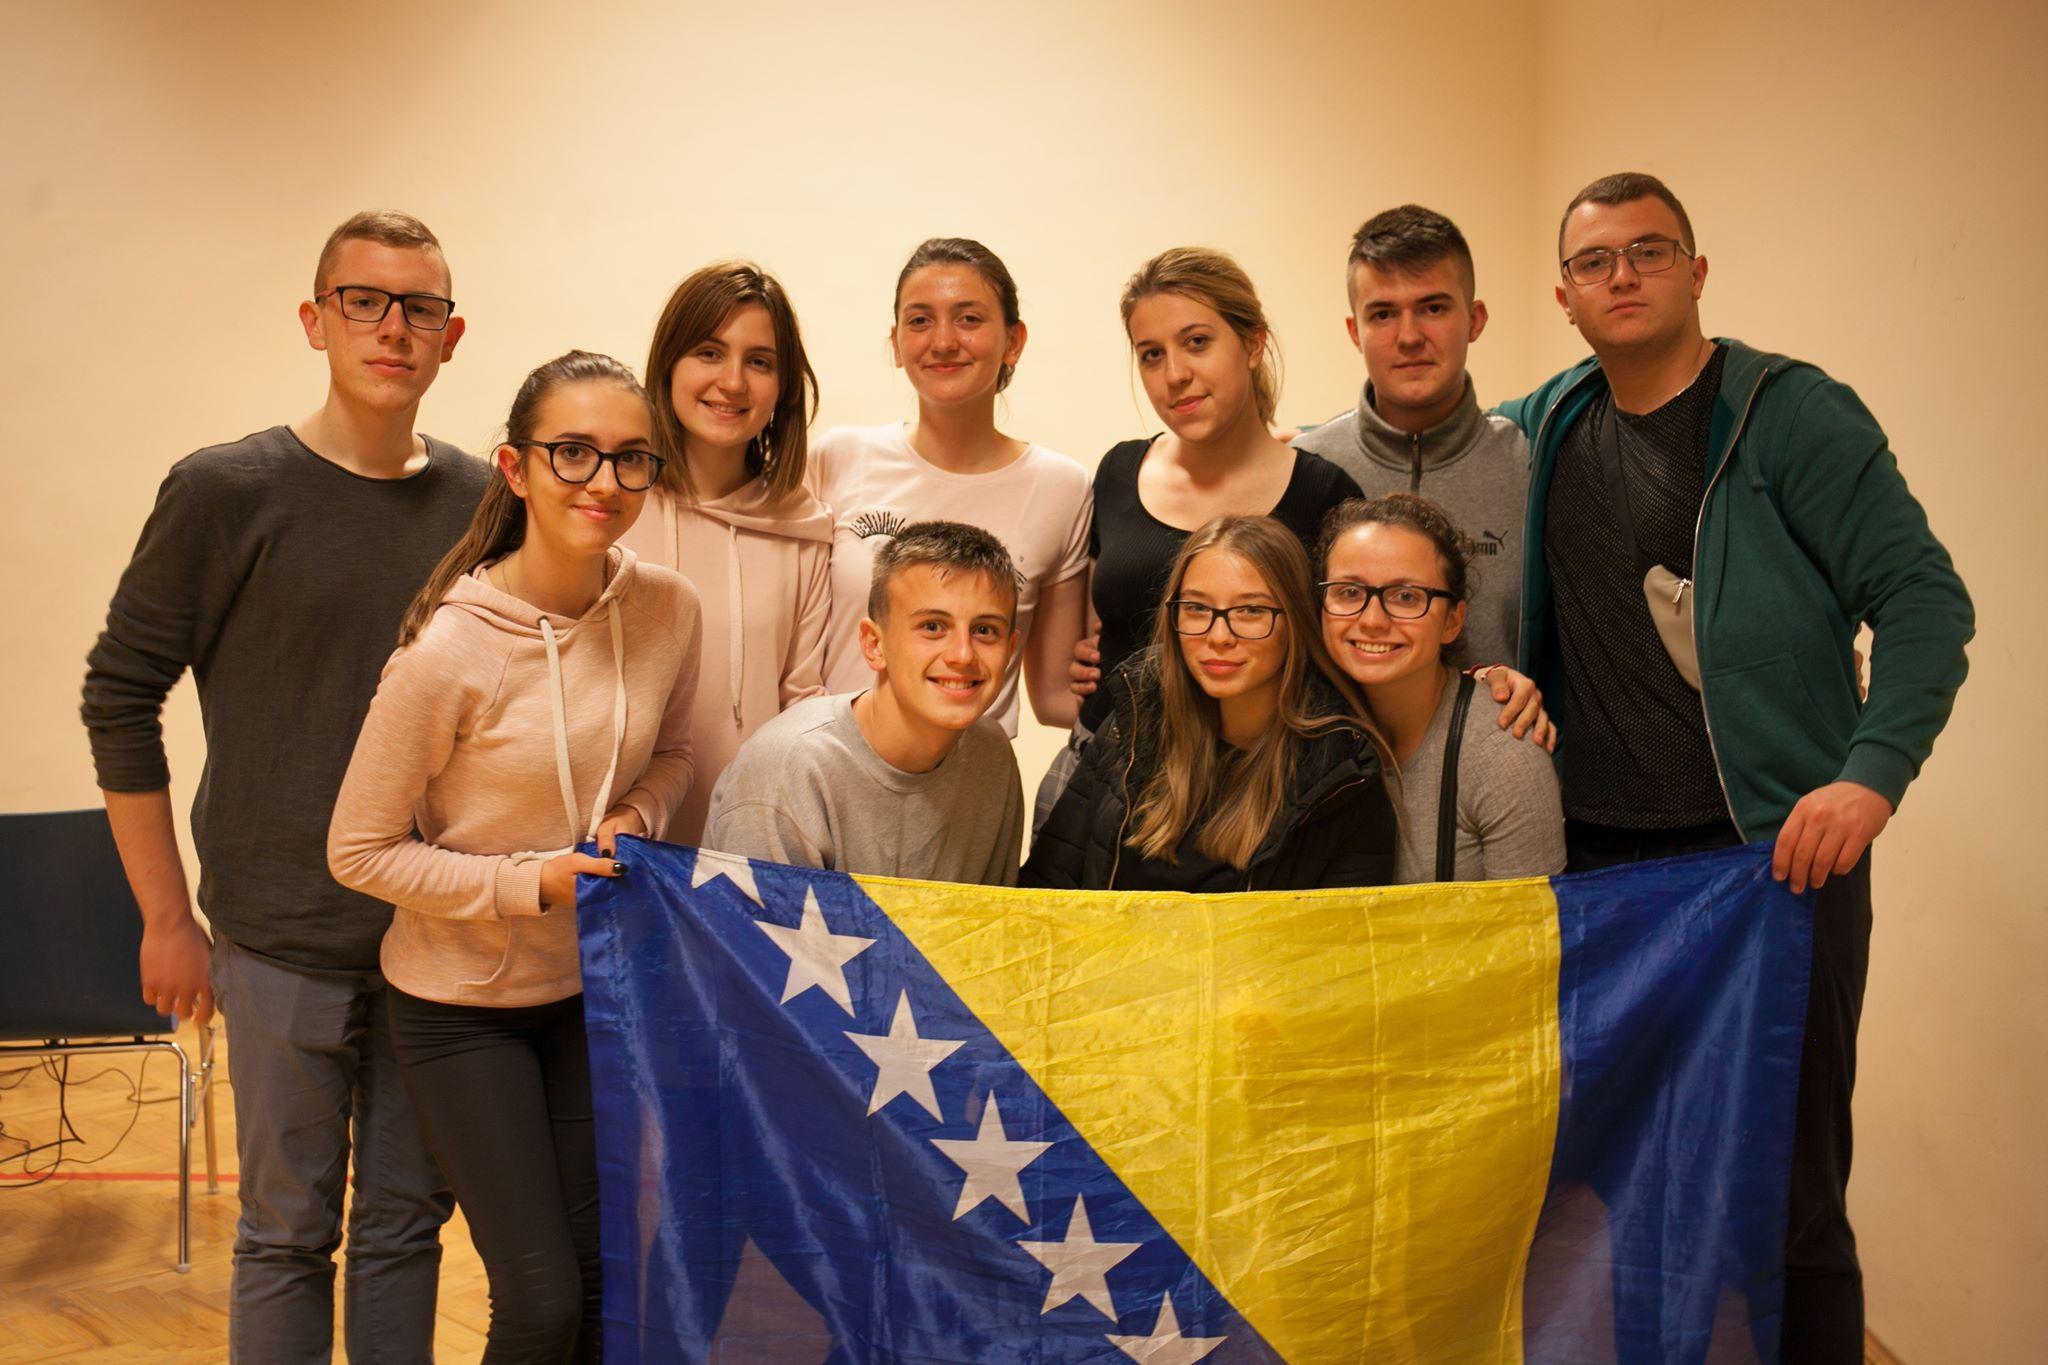 """COD Jajce/Uspješno održan Međunarodni susret mladih """"Coexist"""" u austrijskom Klagenfurtu"""